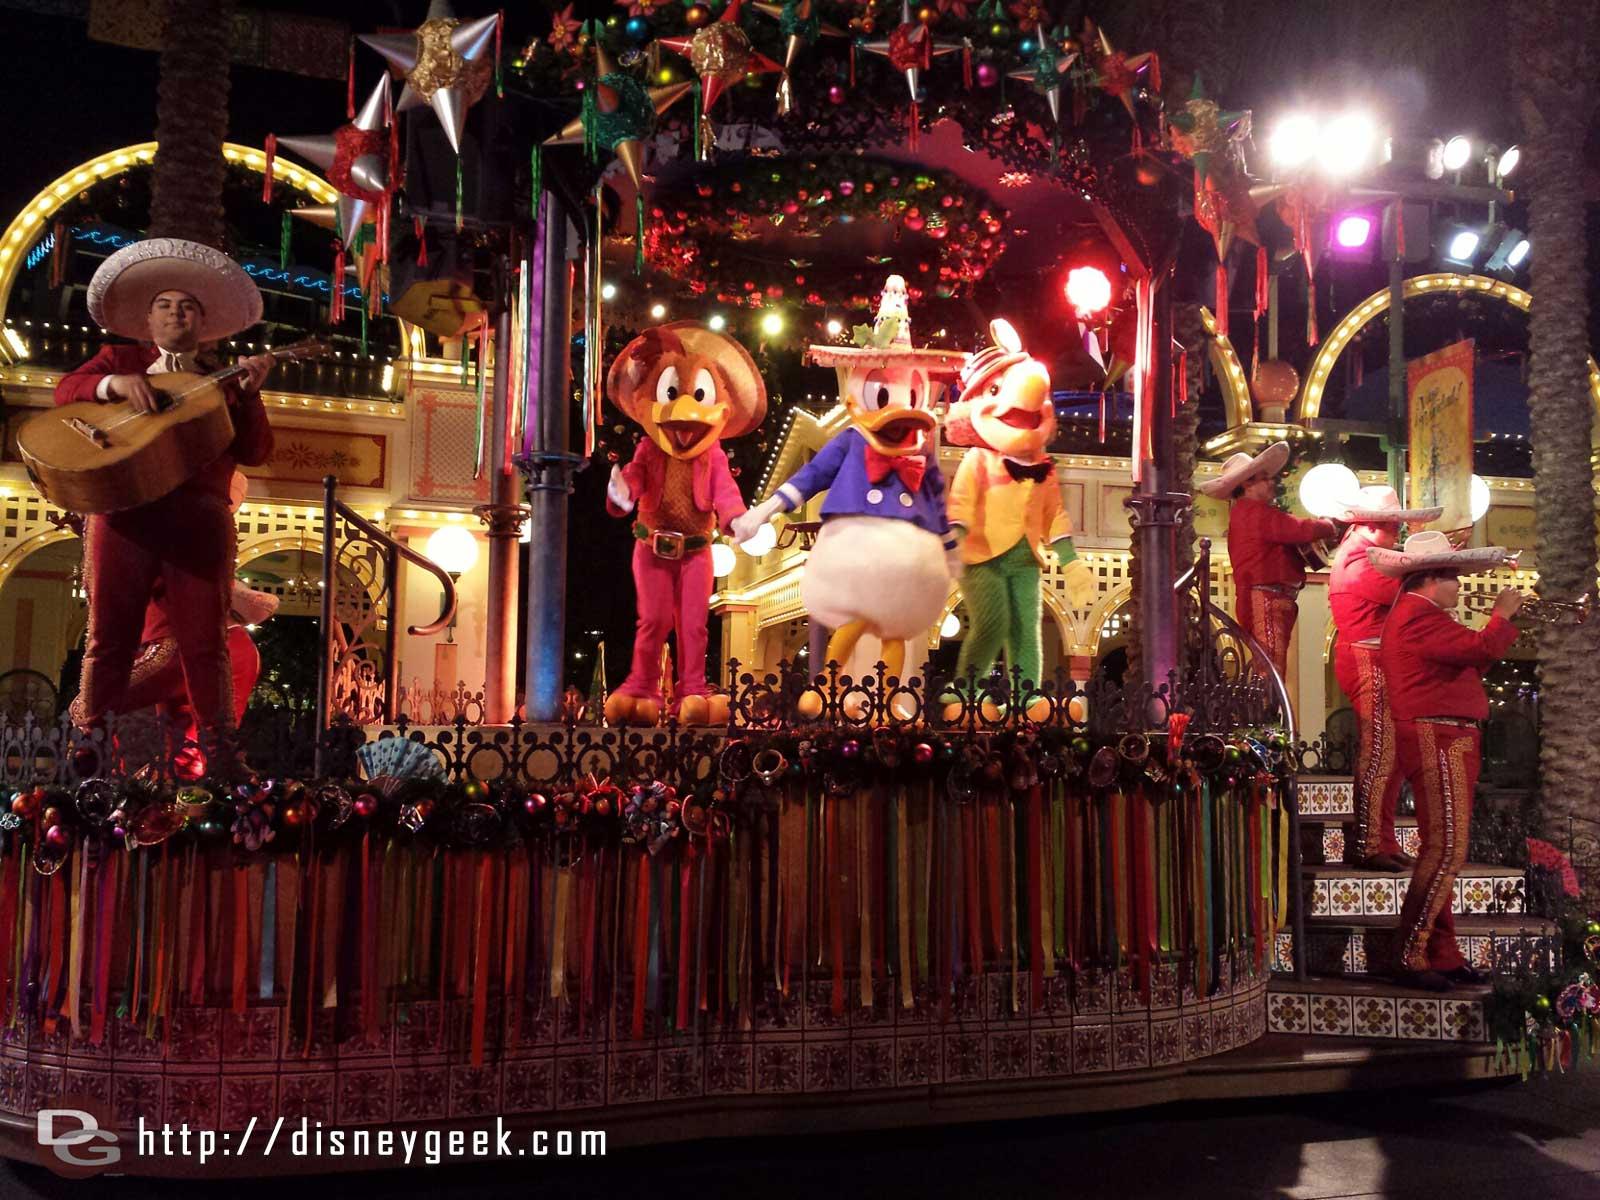 The Three Caballeros at the ¡Viva Navidad! Street Party